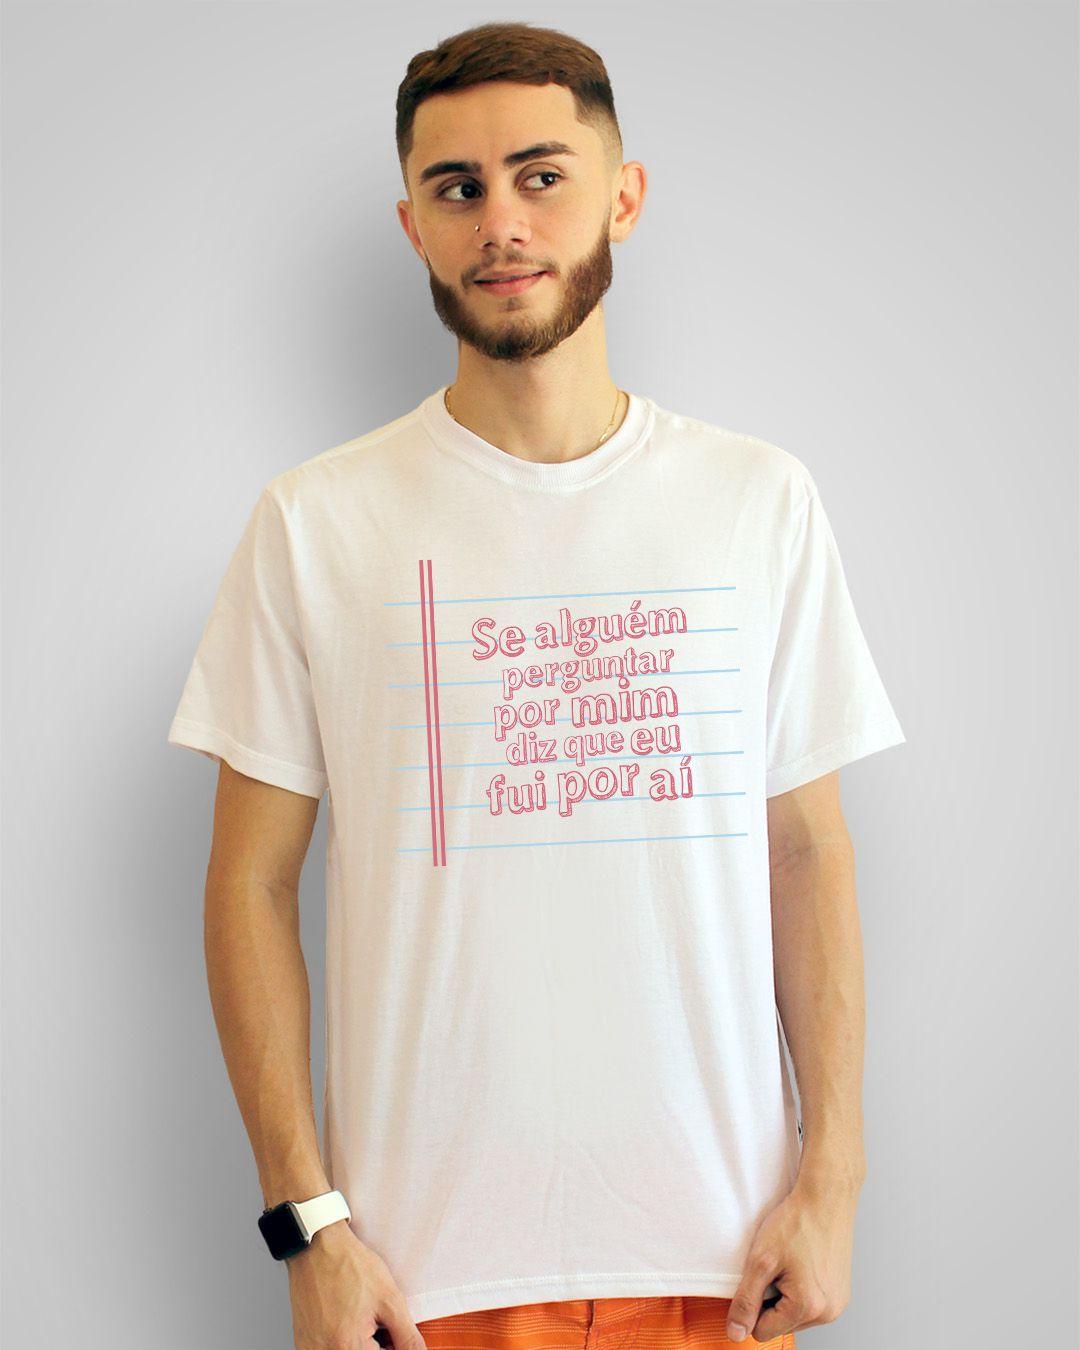 Camiseta Se alguém perguntar por mim, diz que eu fui por aí - Luiz Melodia